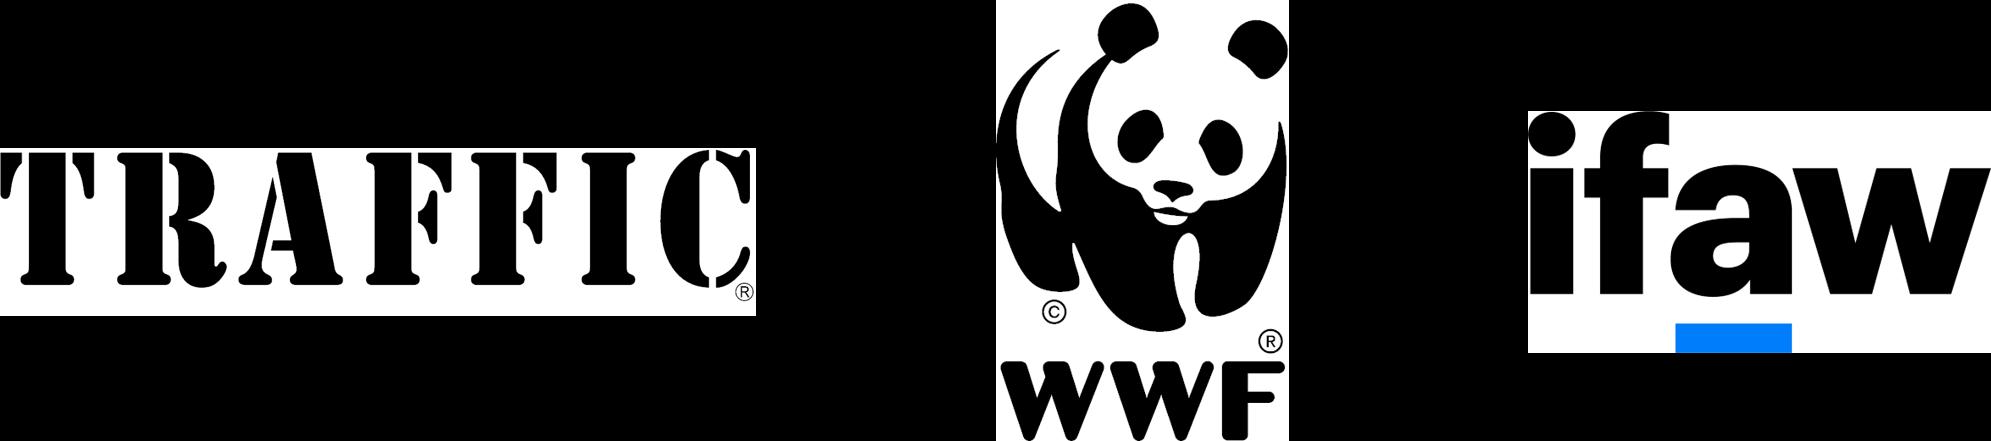 TRAFFIC WWF IFAW logos.png